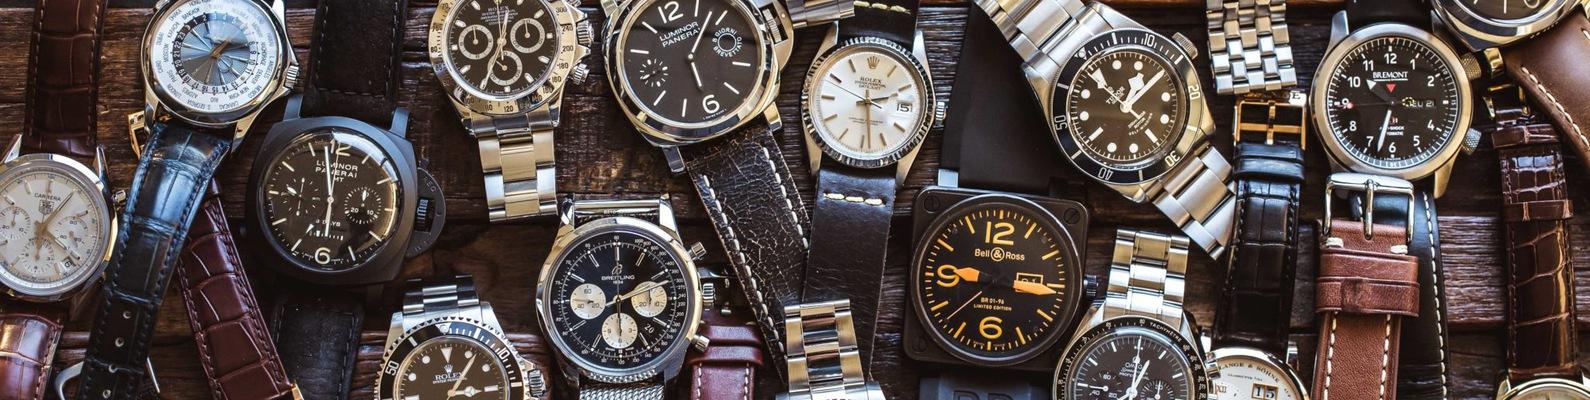 В скупка бишкеке часов предприятий для киловатт стоимость часа